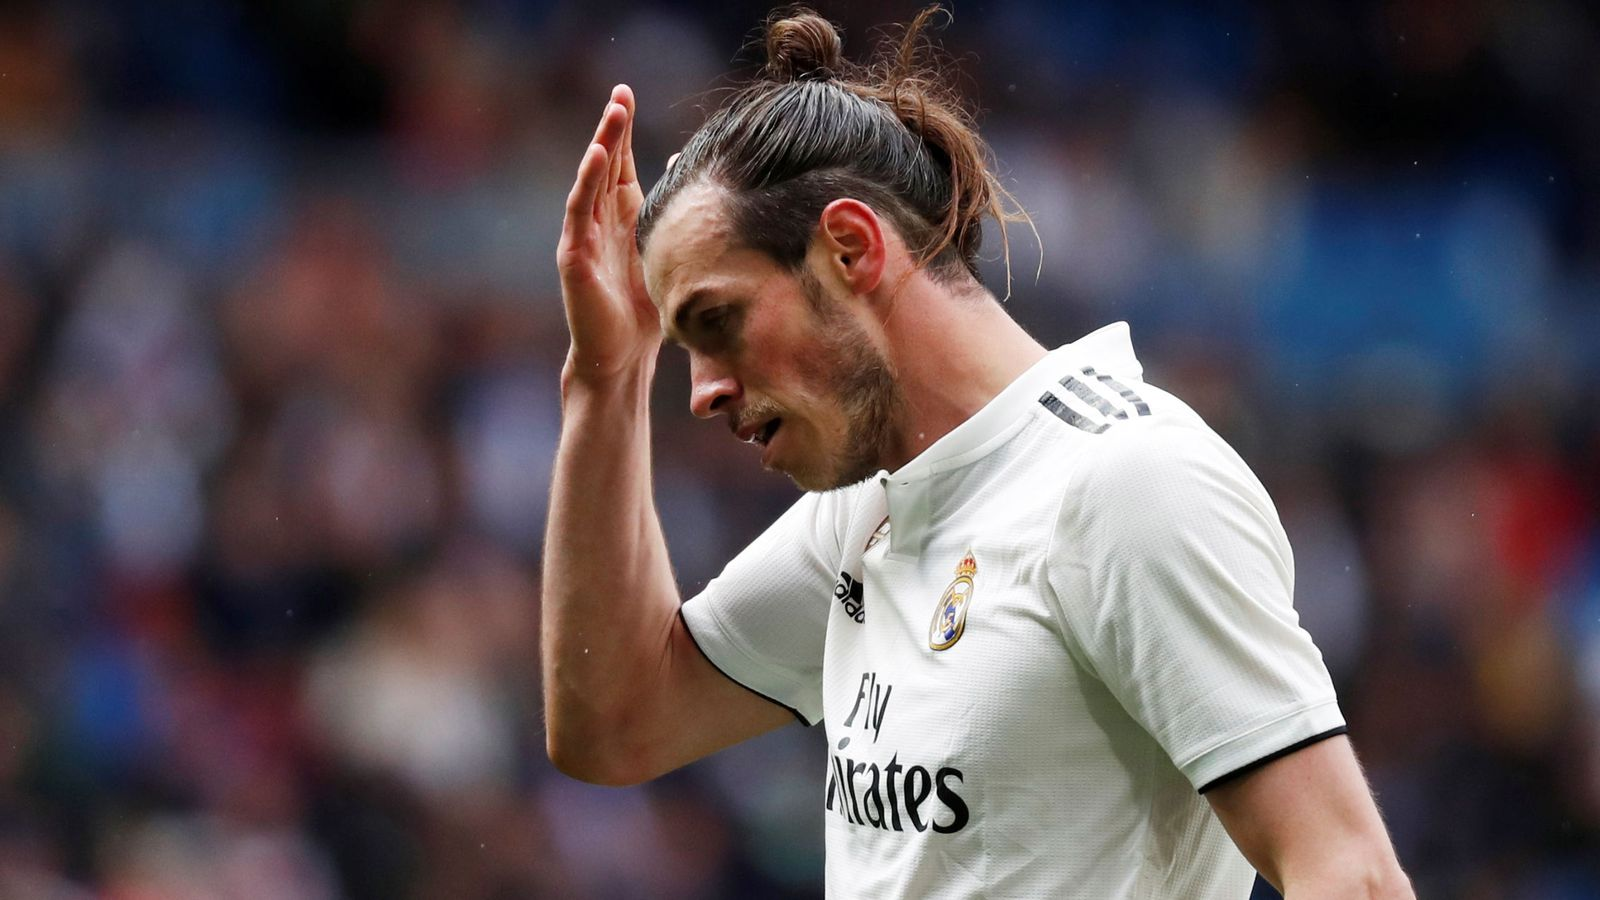 Foto: Gareth Bale se lleva la mano a la cabeza durante un partido del Real Madrid. (Efe)